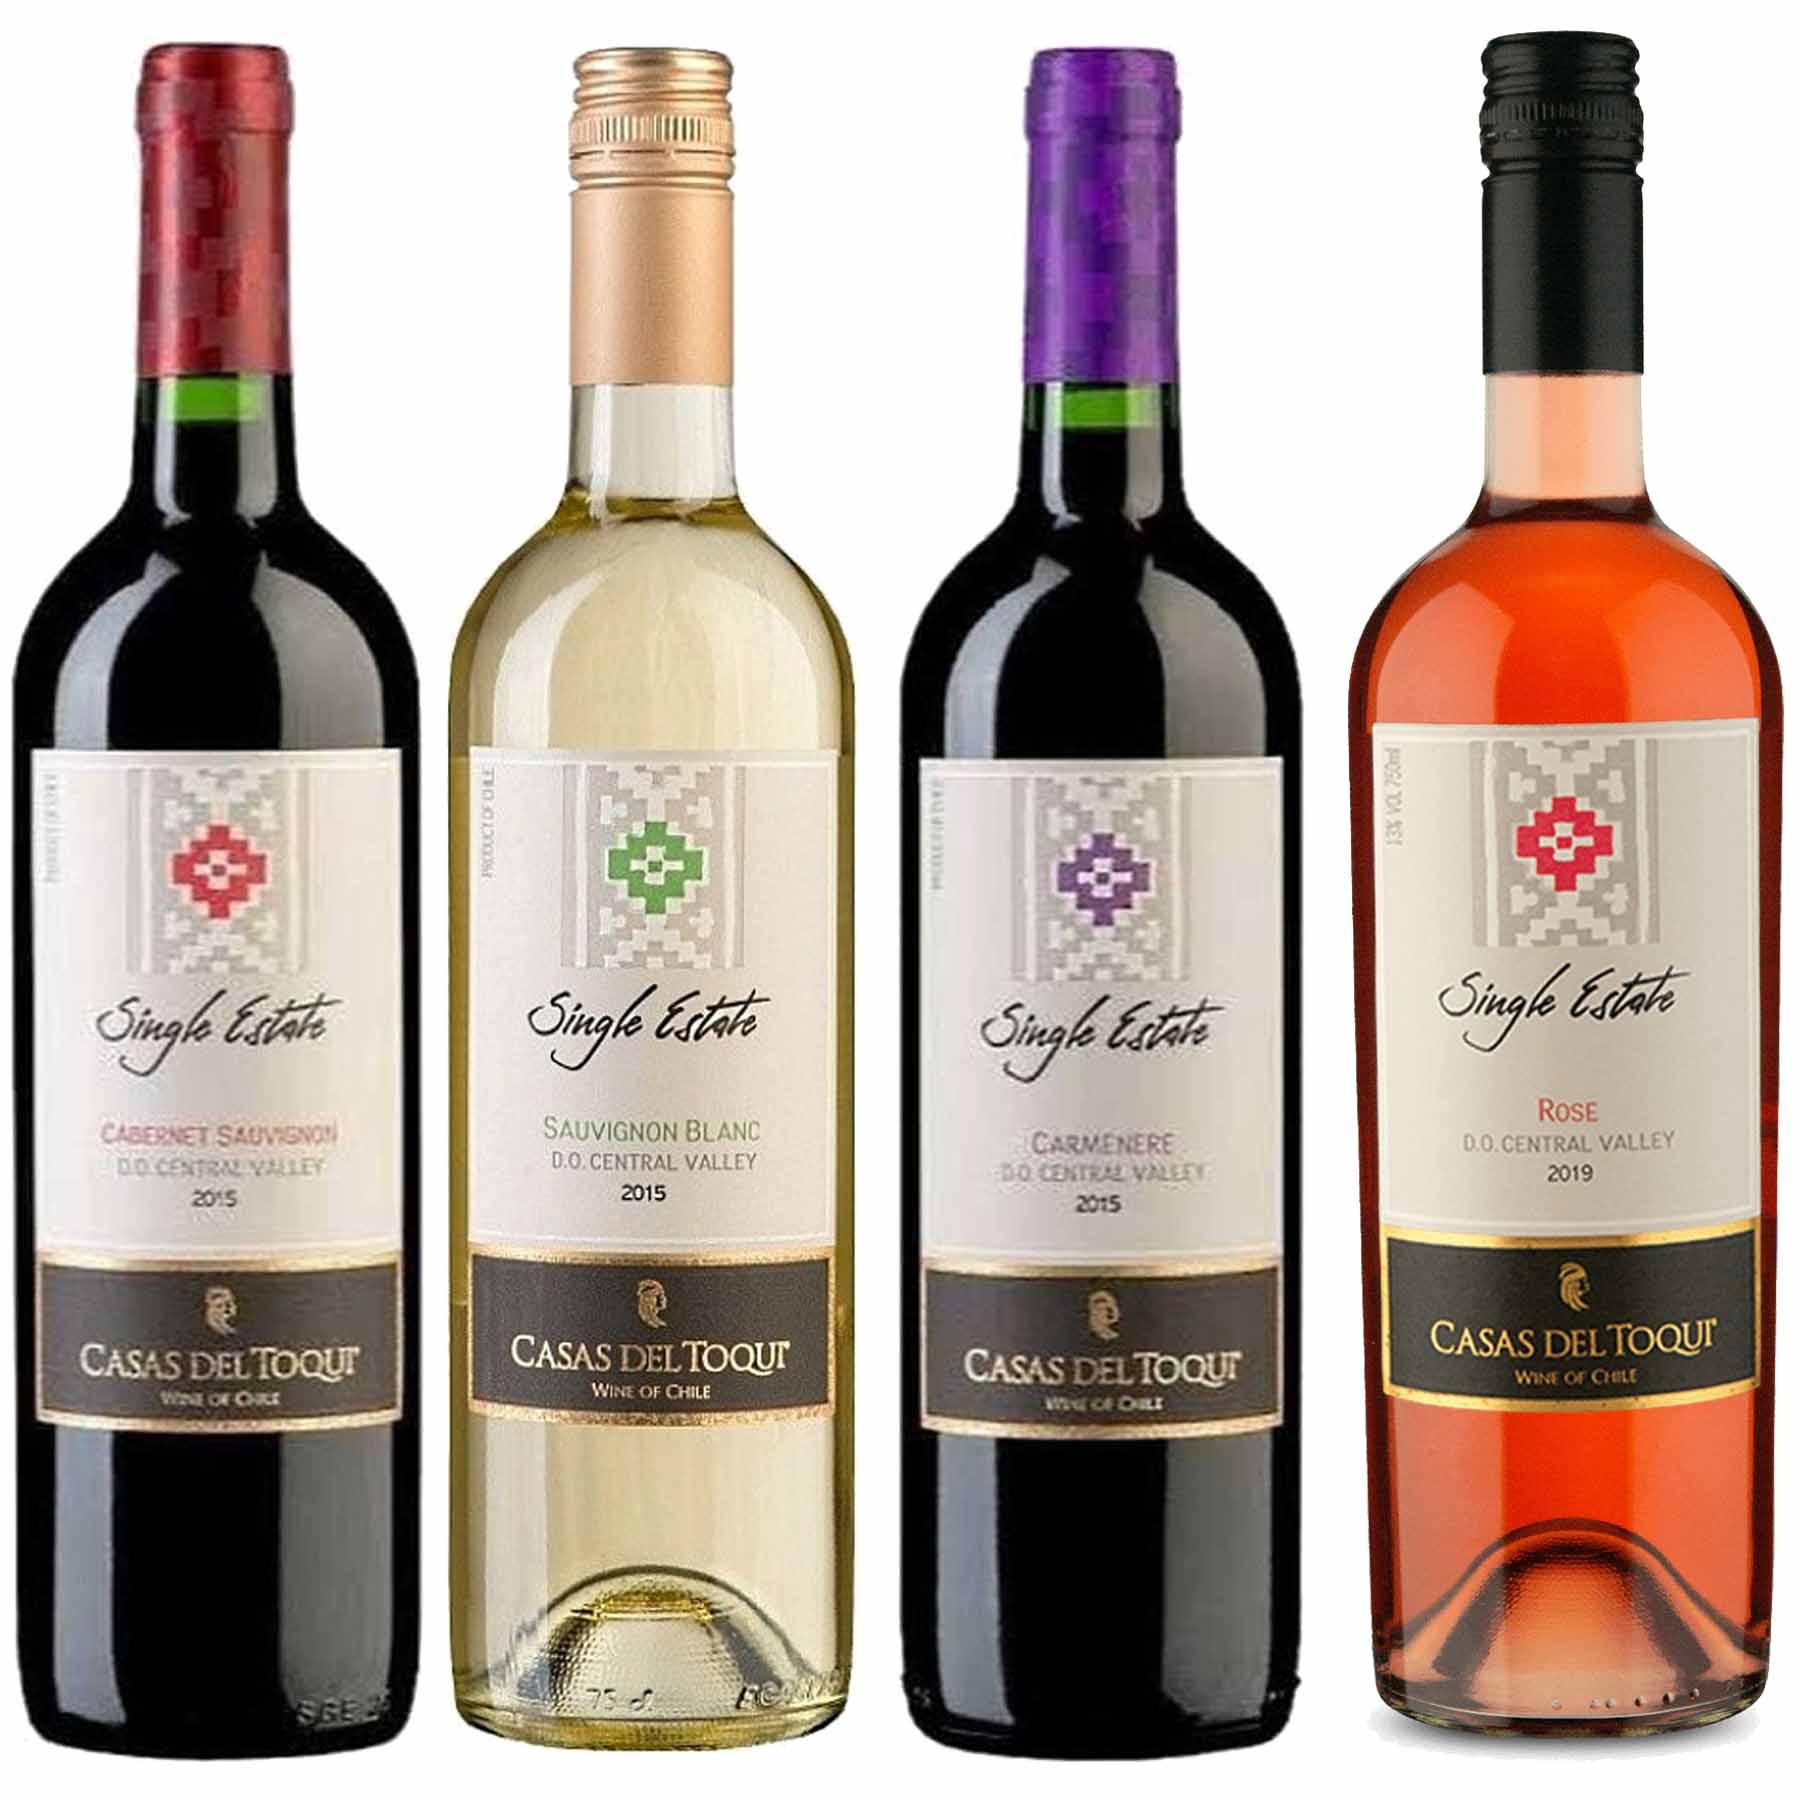 Kit 4 Vinhos Chileno Casas Del Toqui 2 Tinto 1 Branco 1 Rosé